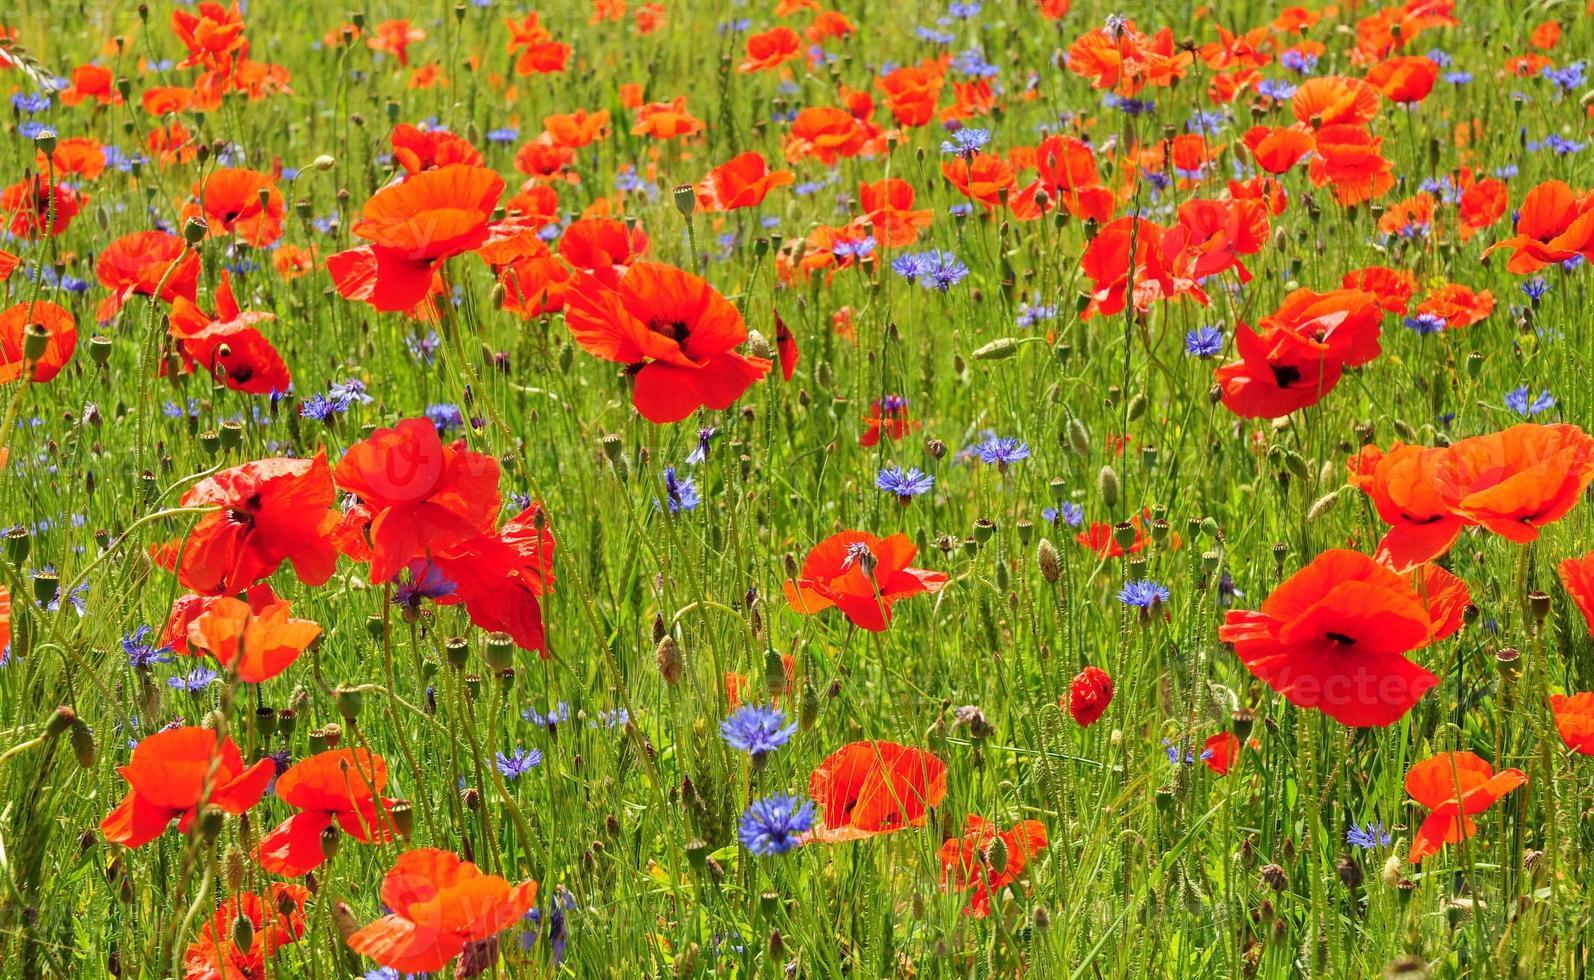 coquelicots rouges et fond de printemps bleuet bleuet photo